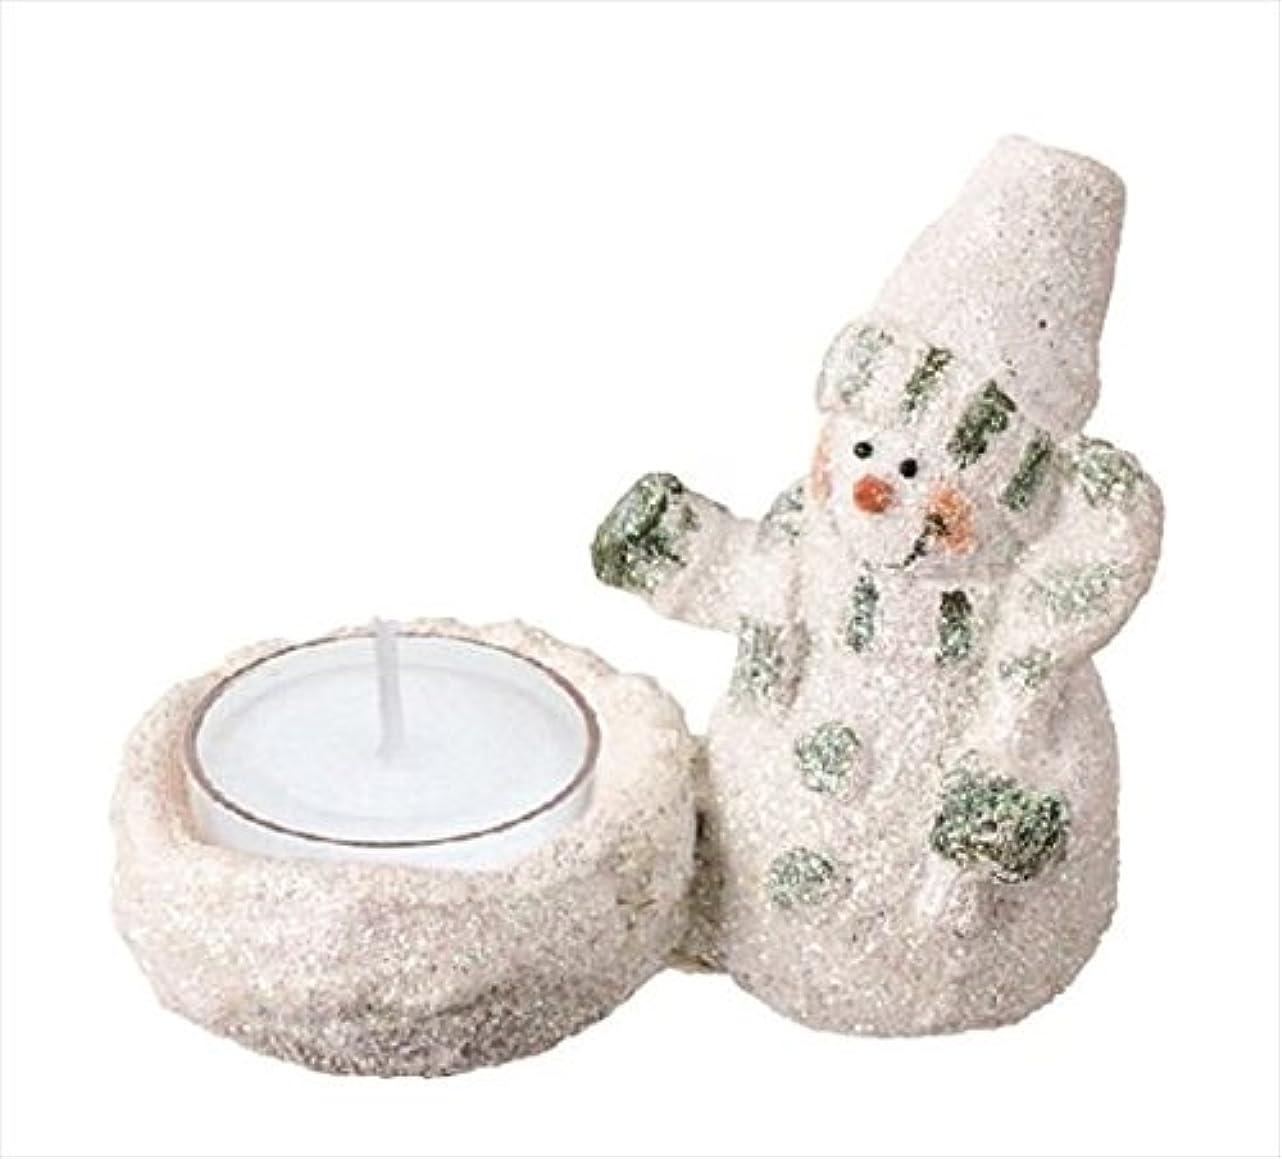 矛盾するアルコールしつけkameyama candle(カメヤマキャンドル) グリッタースノーマンホルダー 「 グリーン 」(J5520000G)